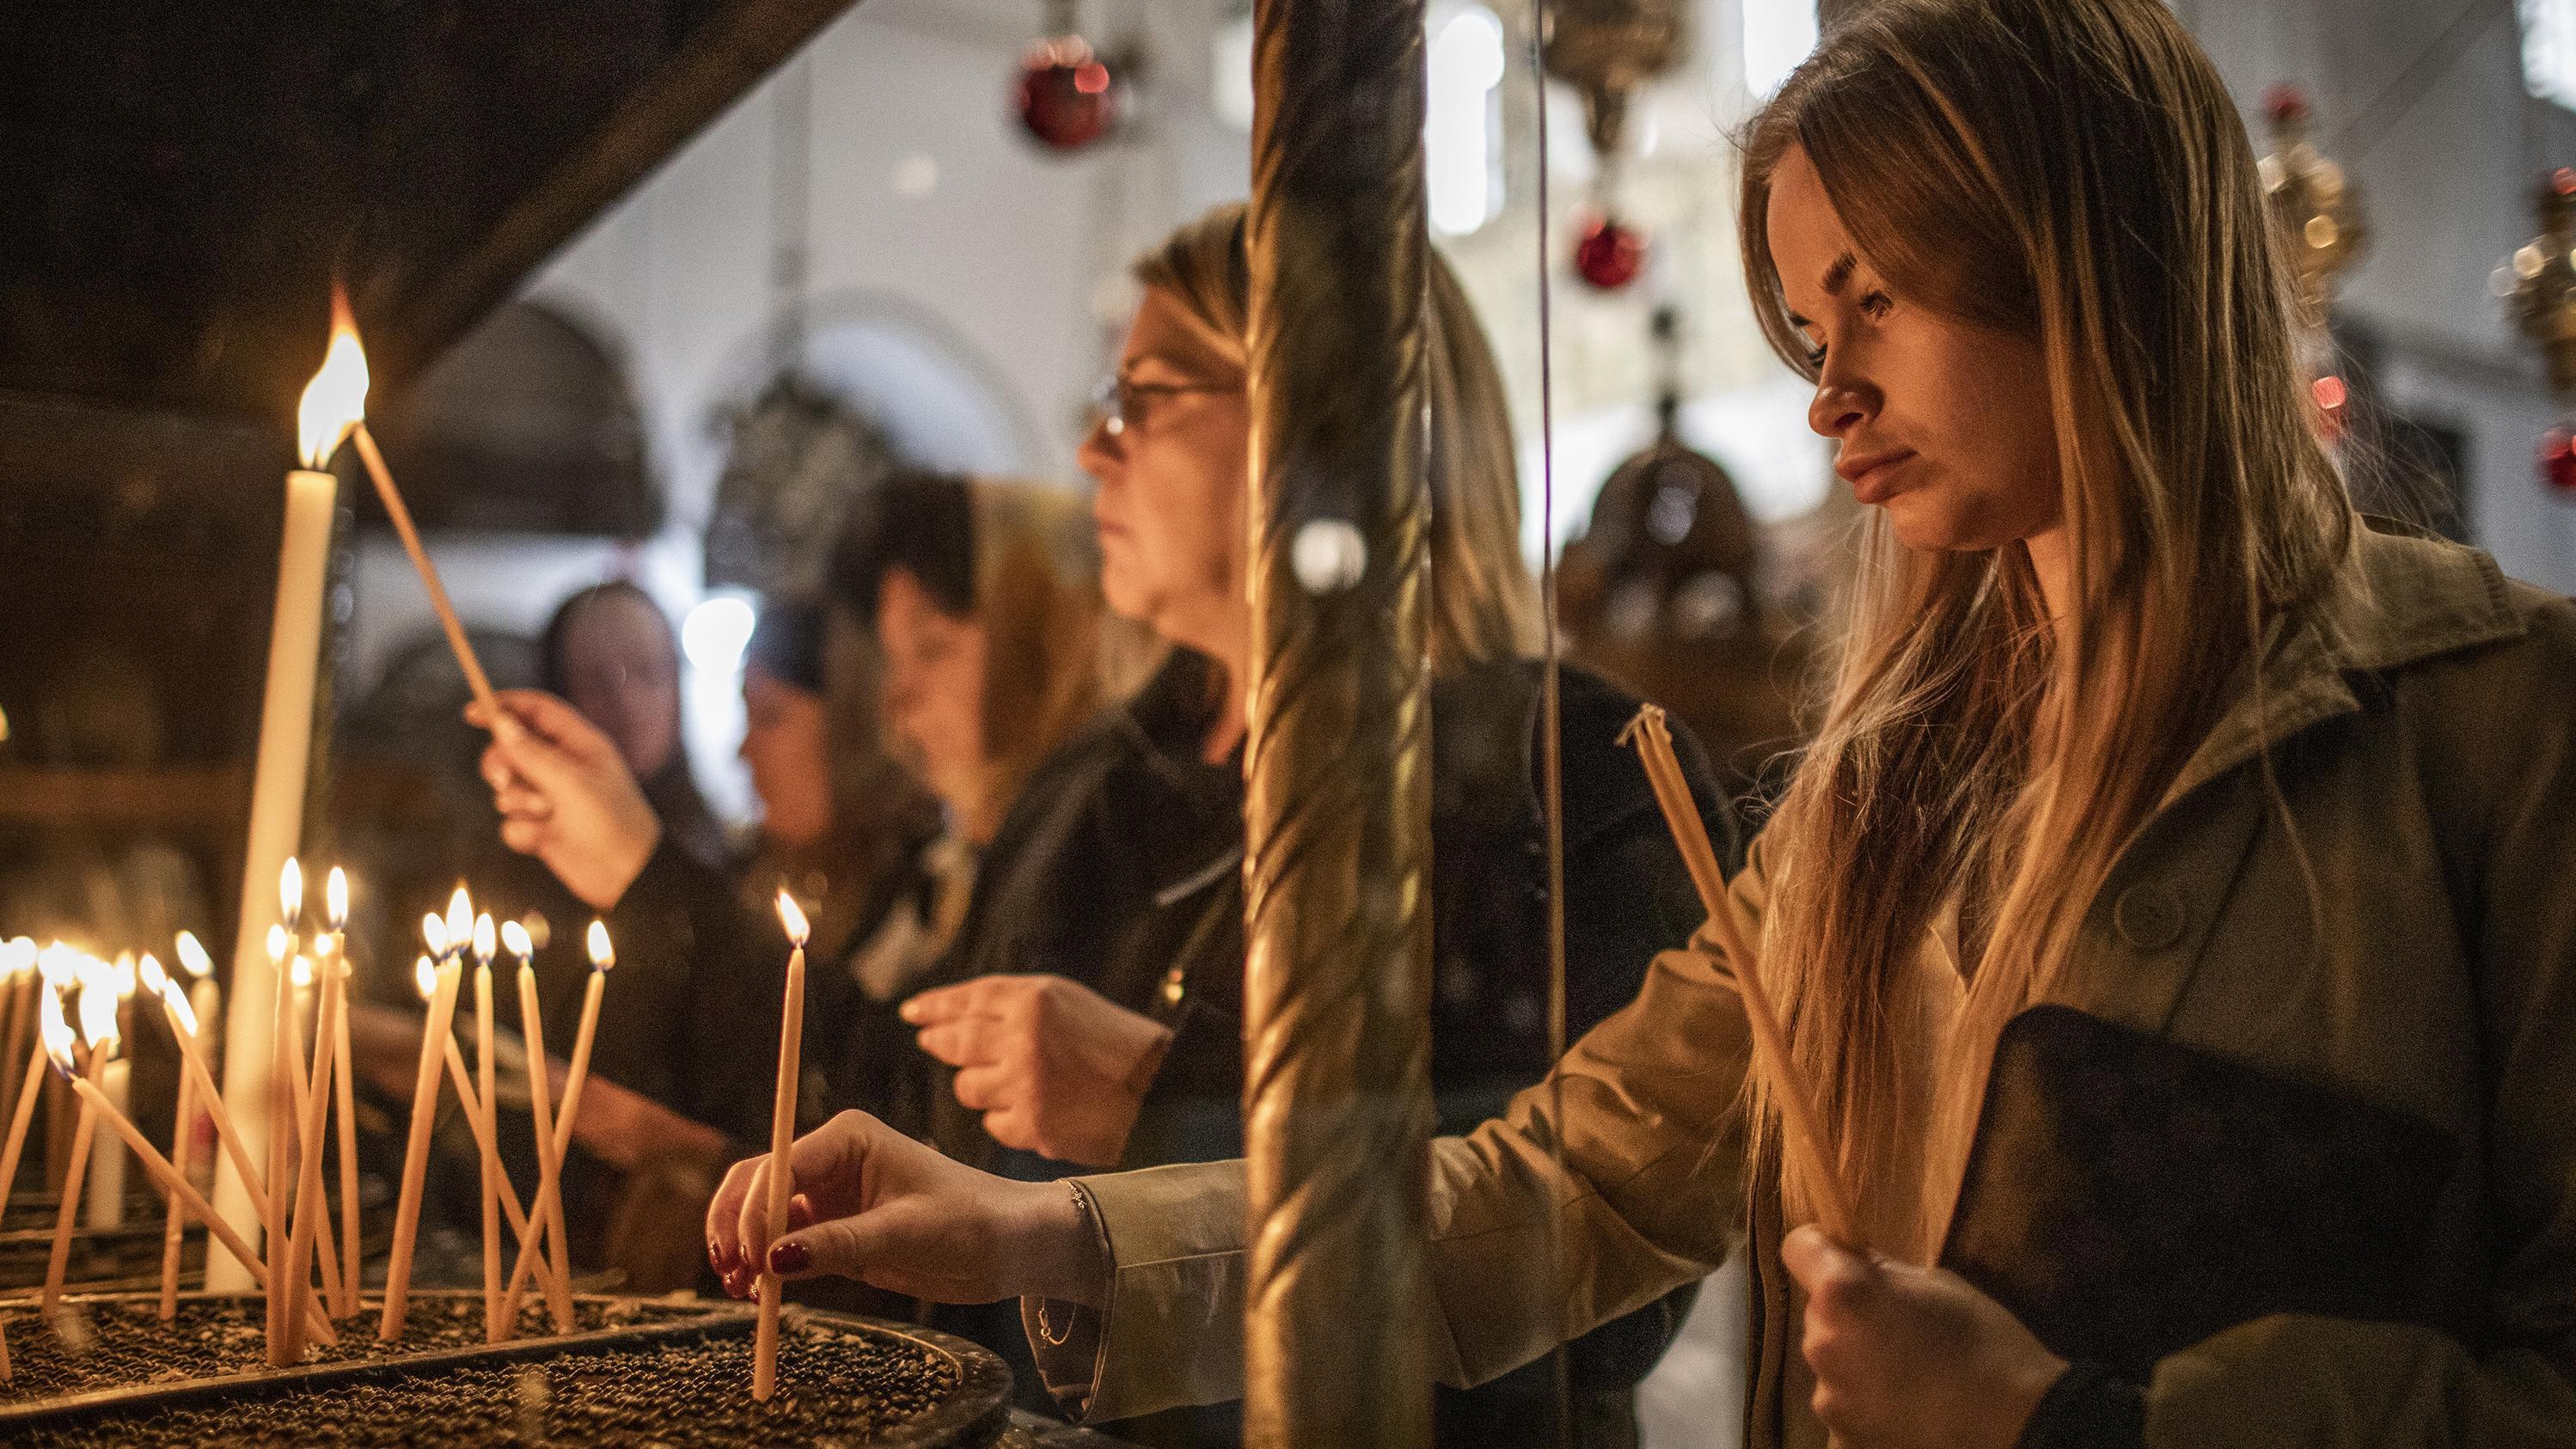 Gläubige Christen entzünden Kerzen während ihres Besuchs der Geburtskirche, die von Christen verschiedener Konfessionen als Geburtsort von Jesus Christus angesehen wird.